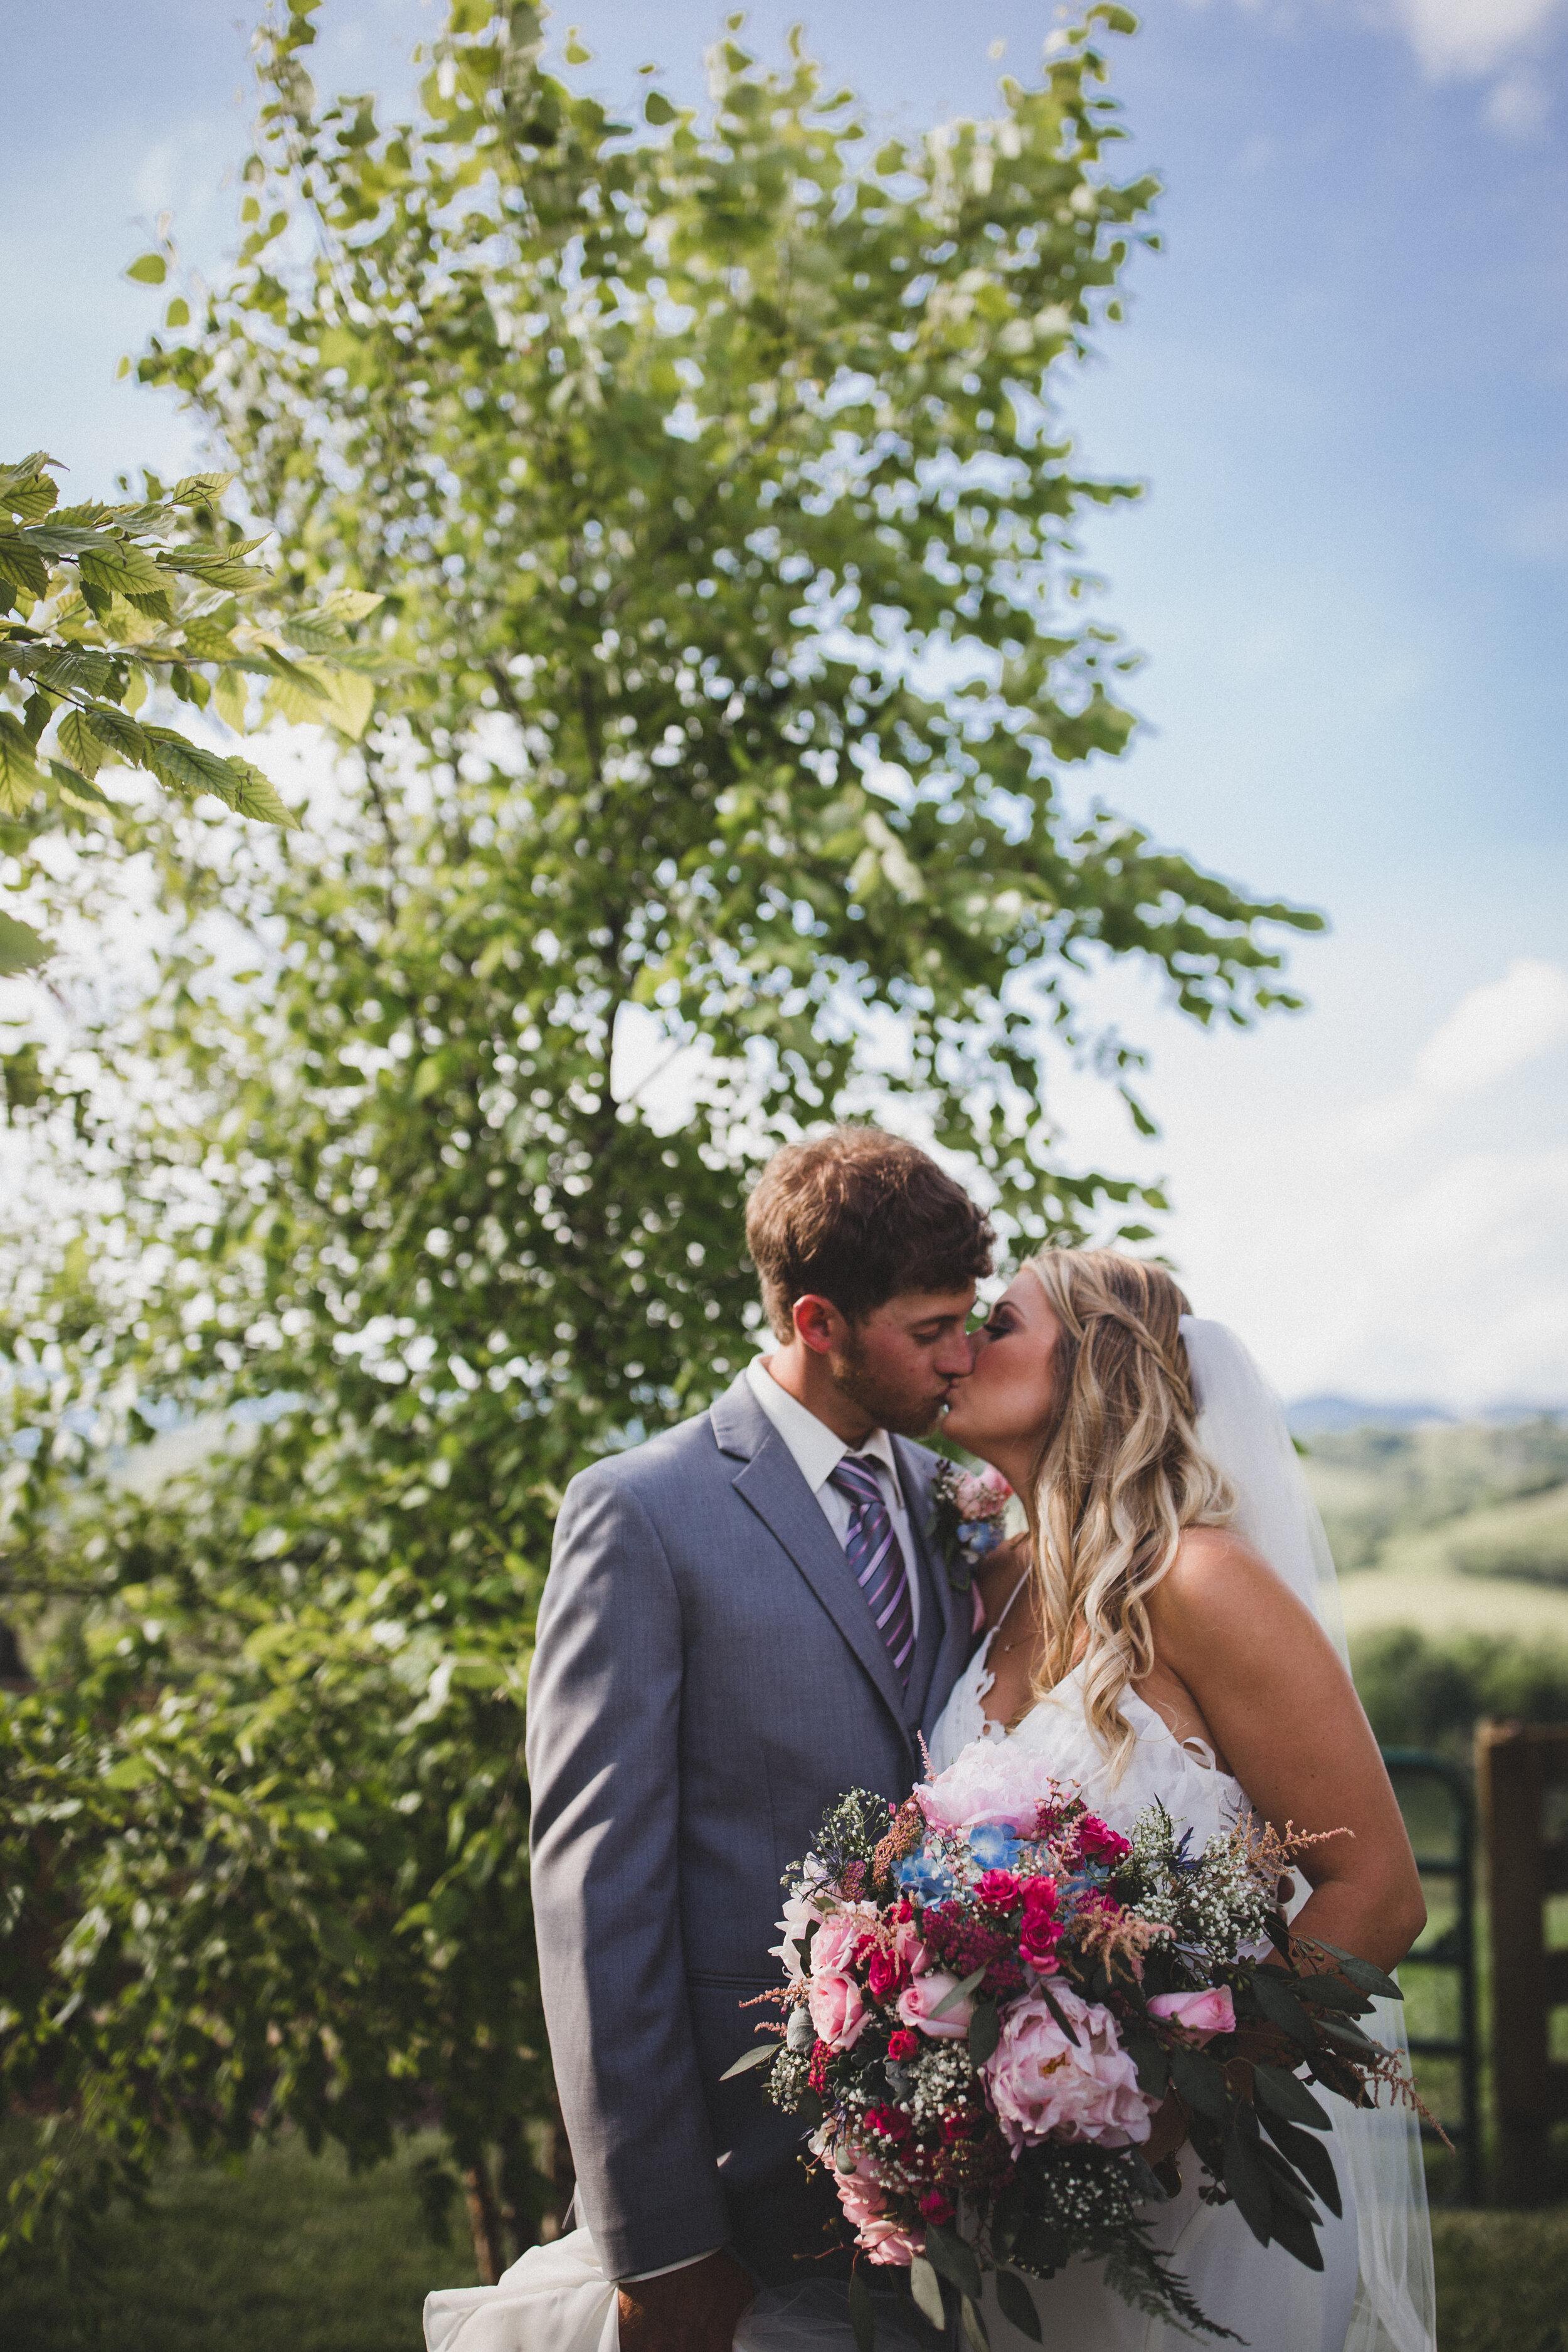 ERP_2018_Jenna-Logan_abingdon-virginia-farm-Wedding_photographer-483.jpg